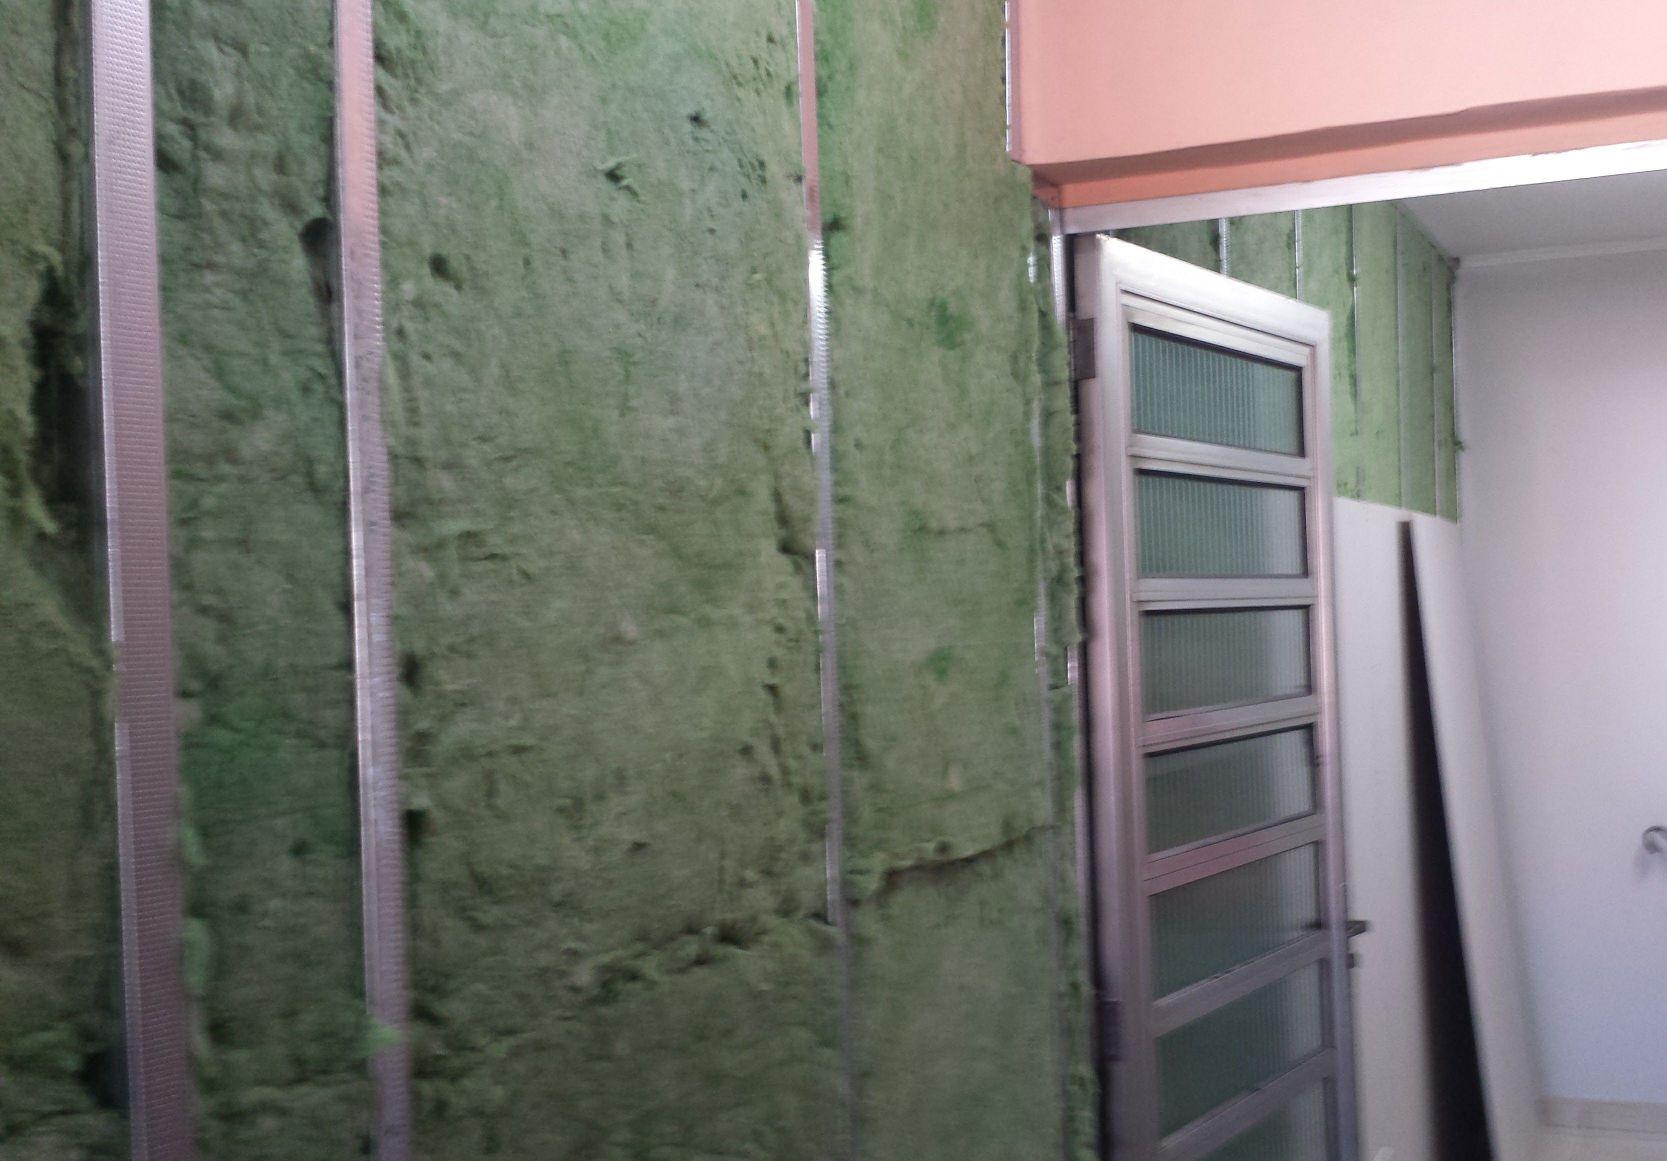 parede Drywall com isolamento térmico acústico